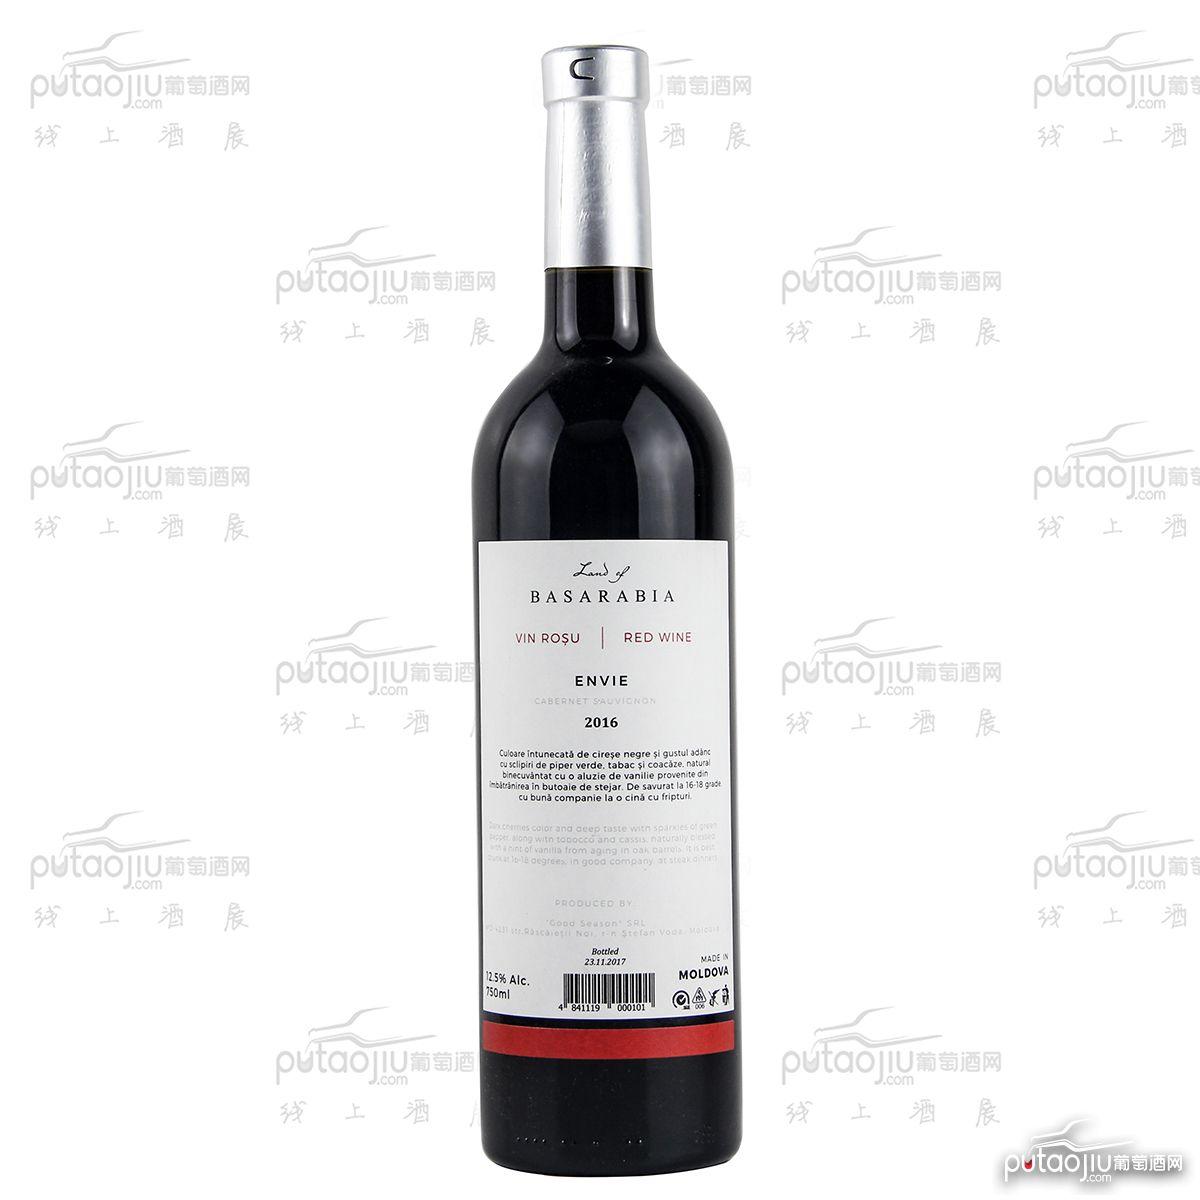 摩尔多瓦斯特凡大公区堡尔酒庄赤霞珠干红葡萄酒 2016